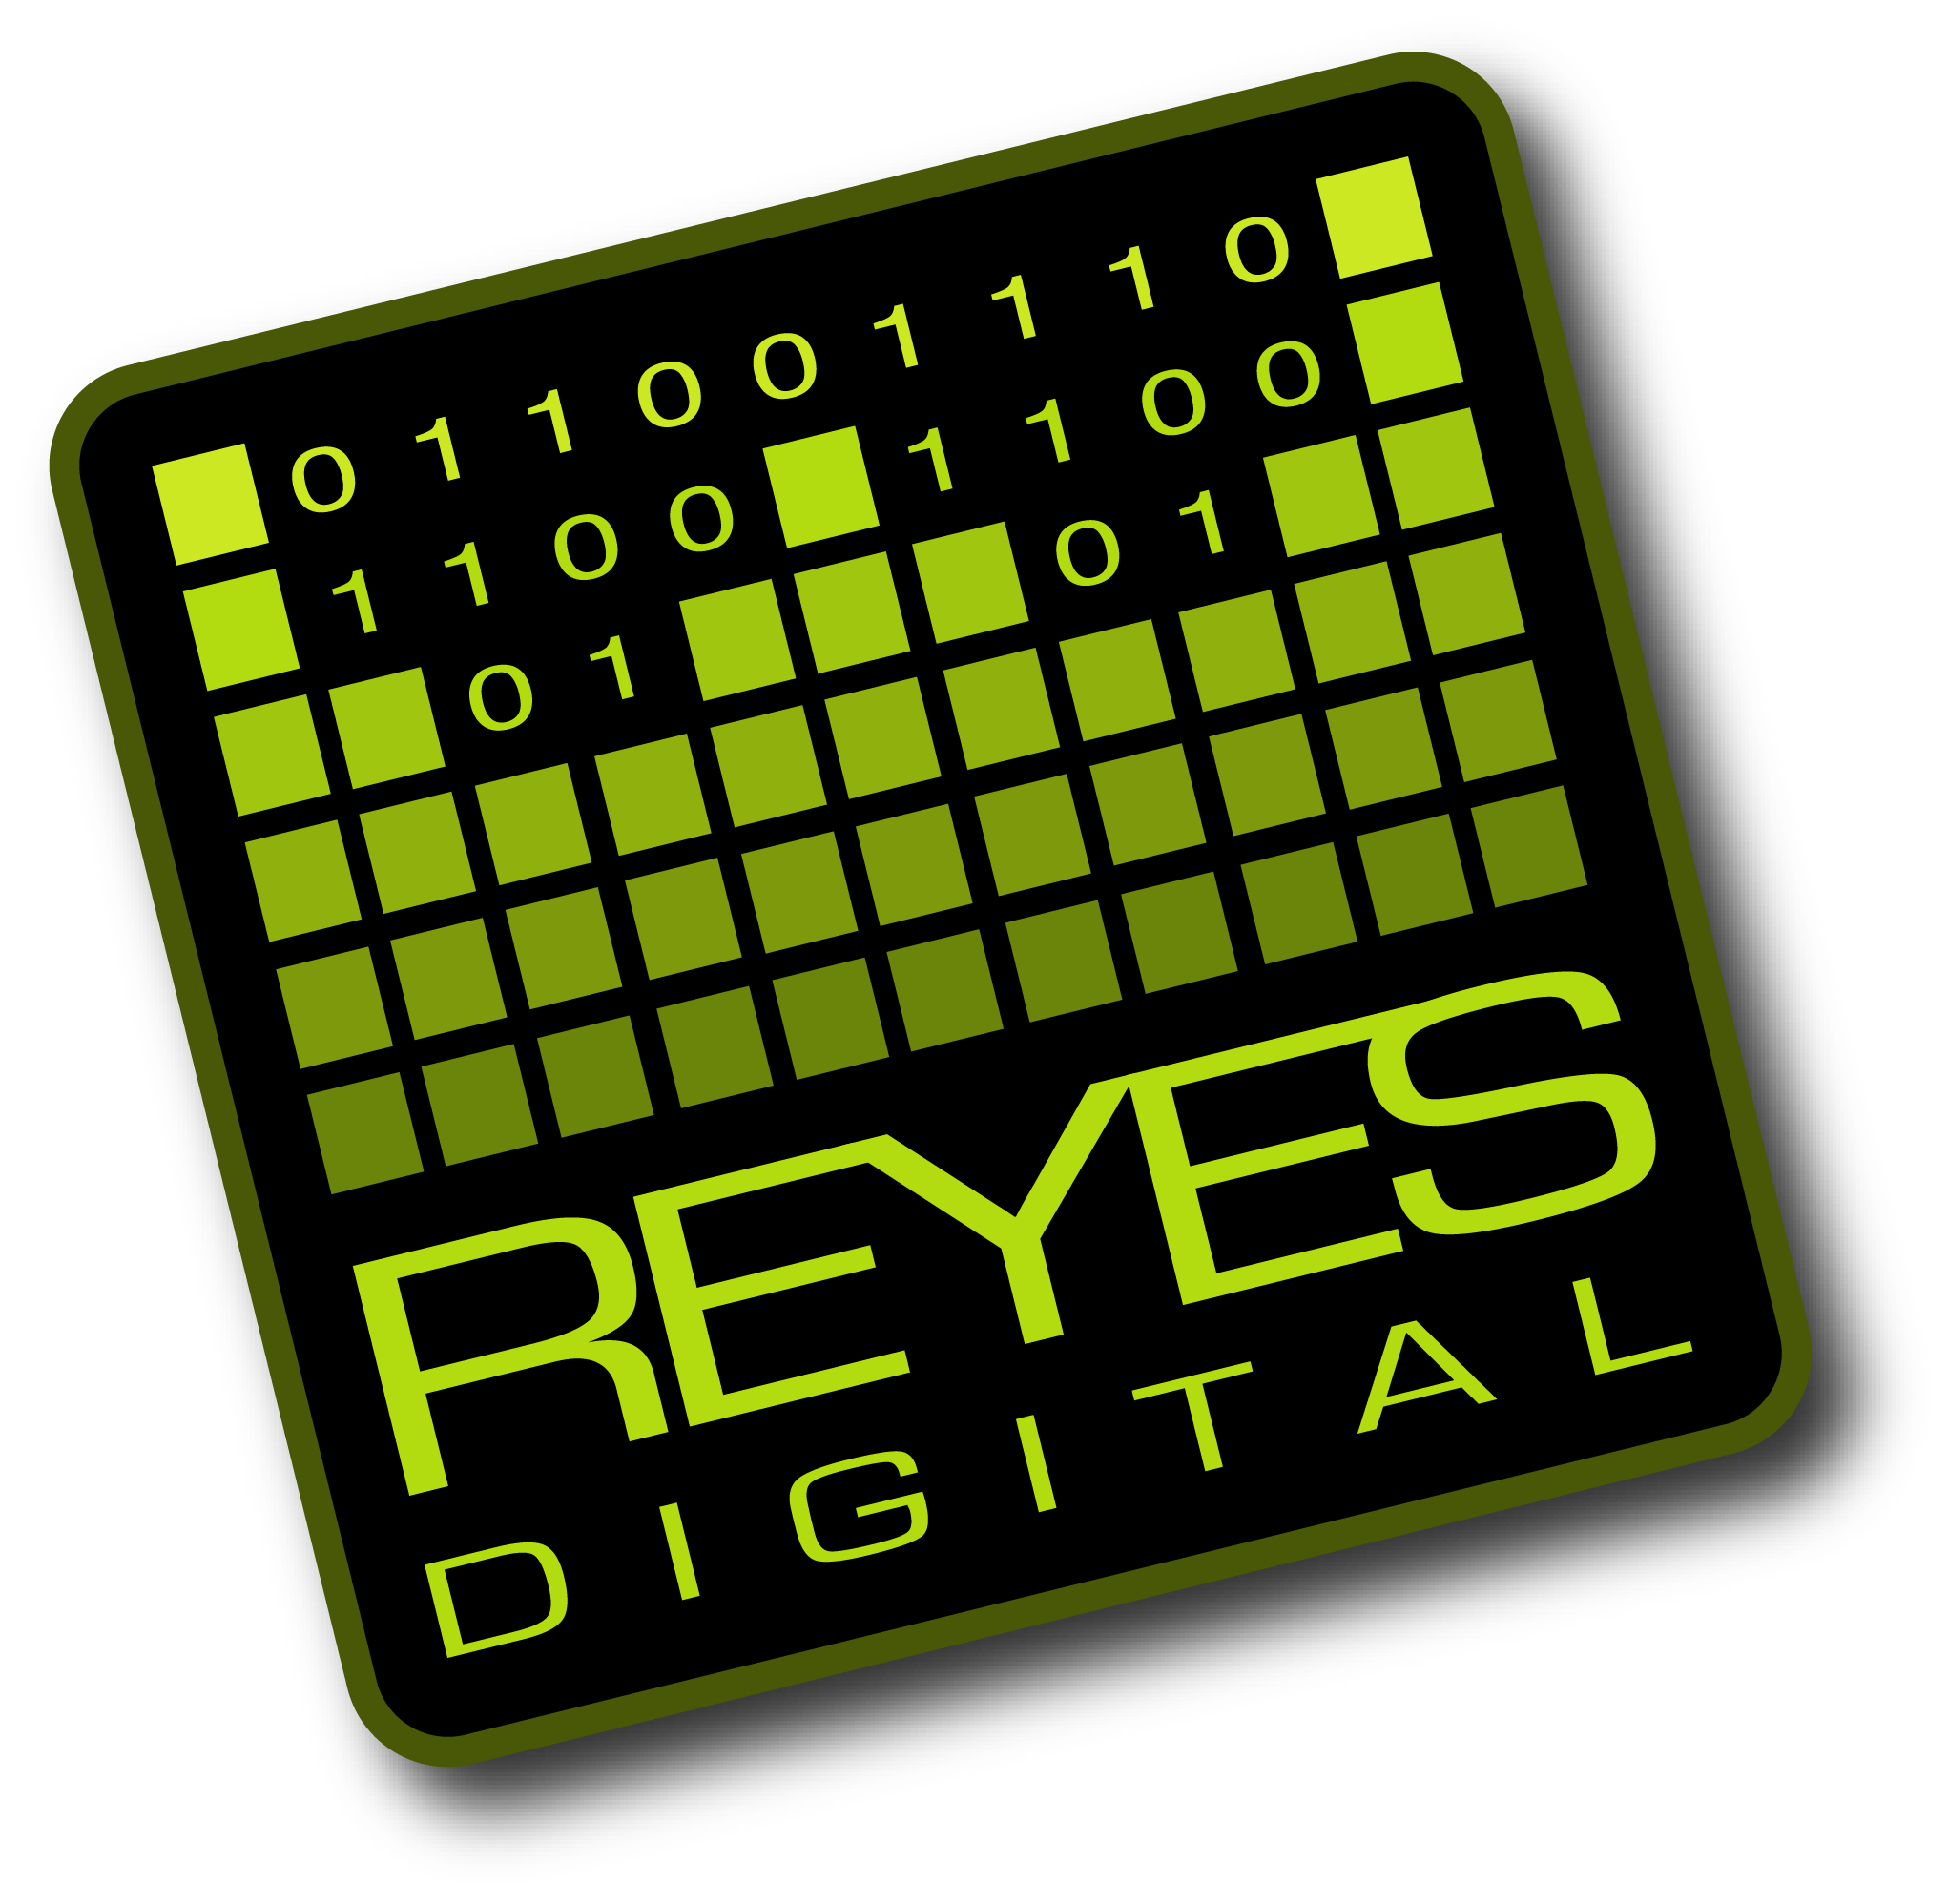 Reyes Audio Digital